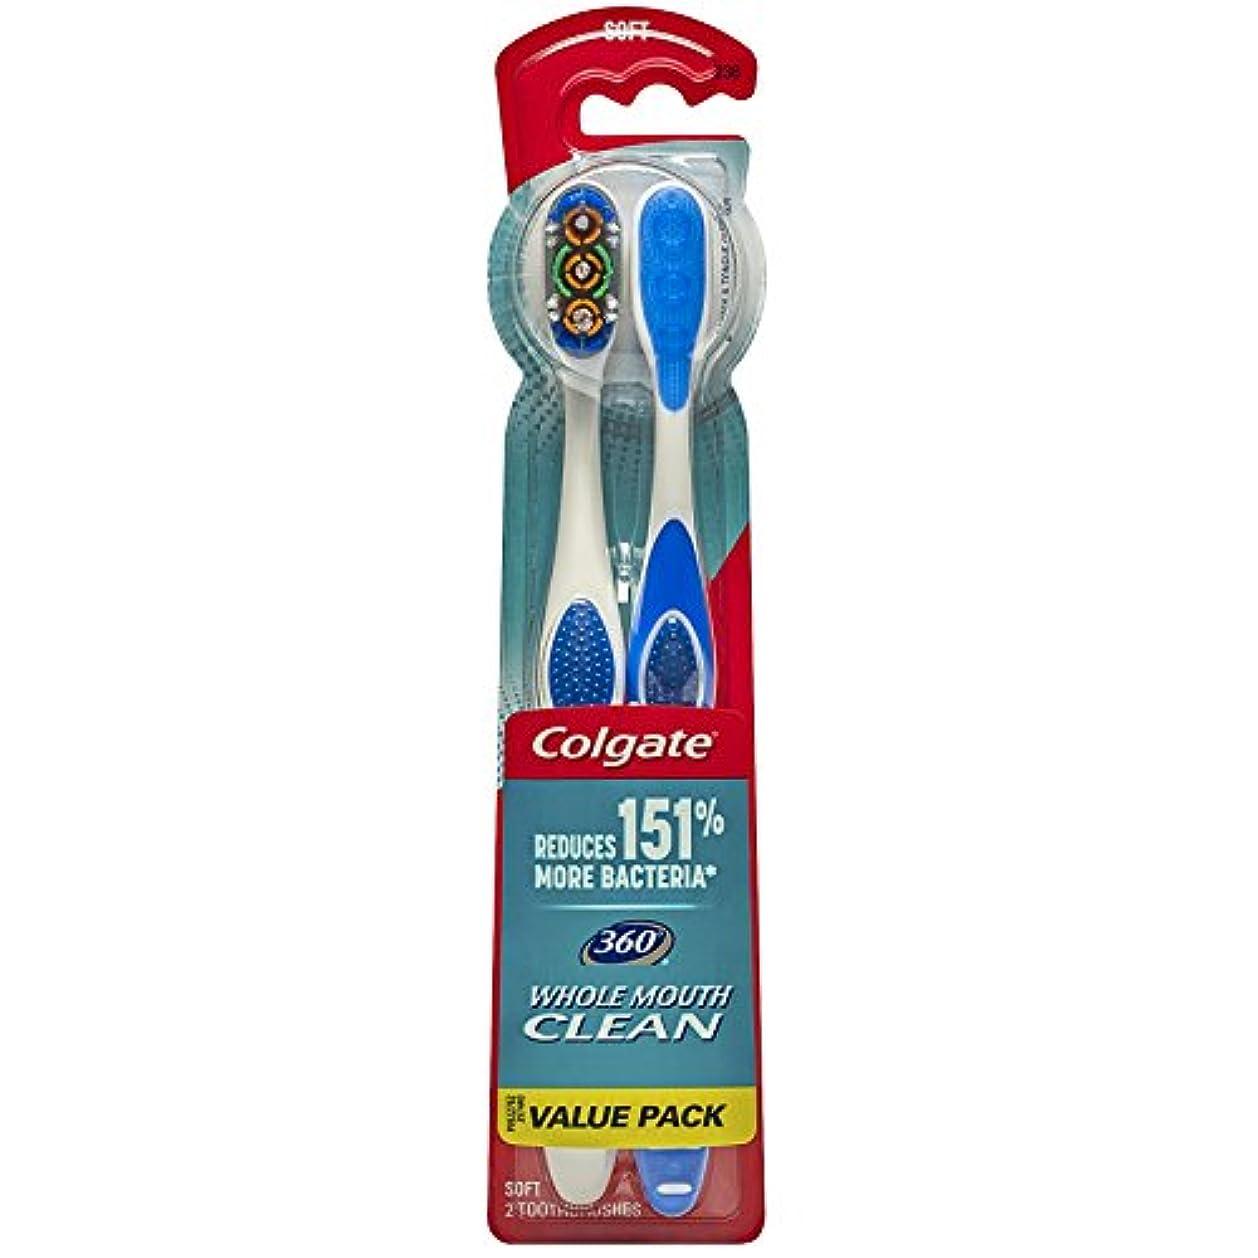 相談コンソール助言Colgate 360大人の完全な頭部柔らかい歯ブラシ、ツインパック